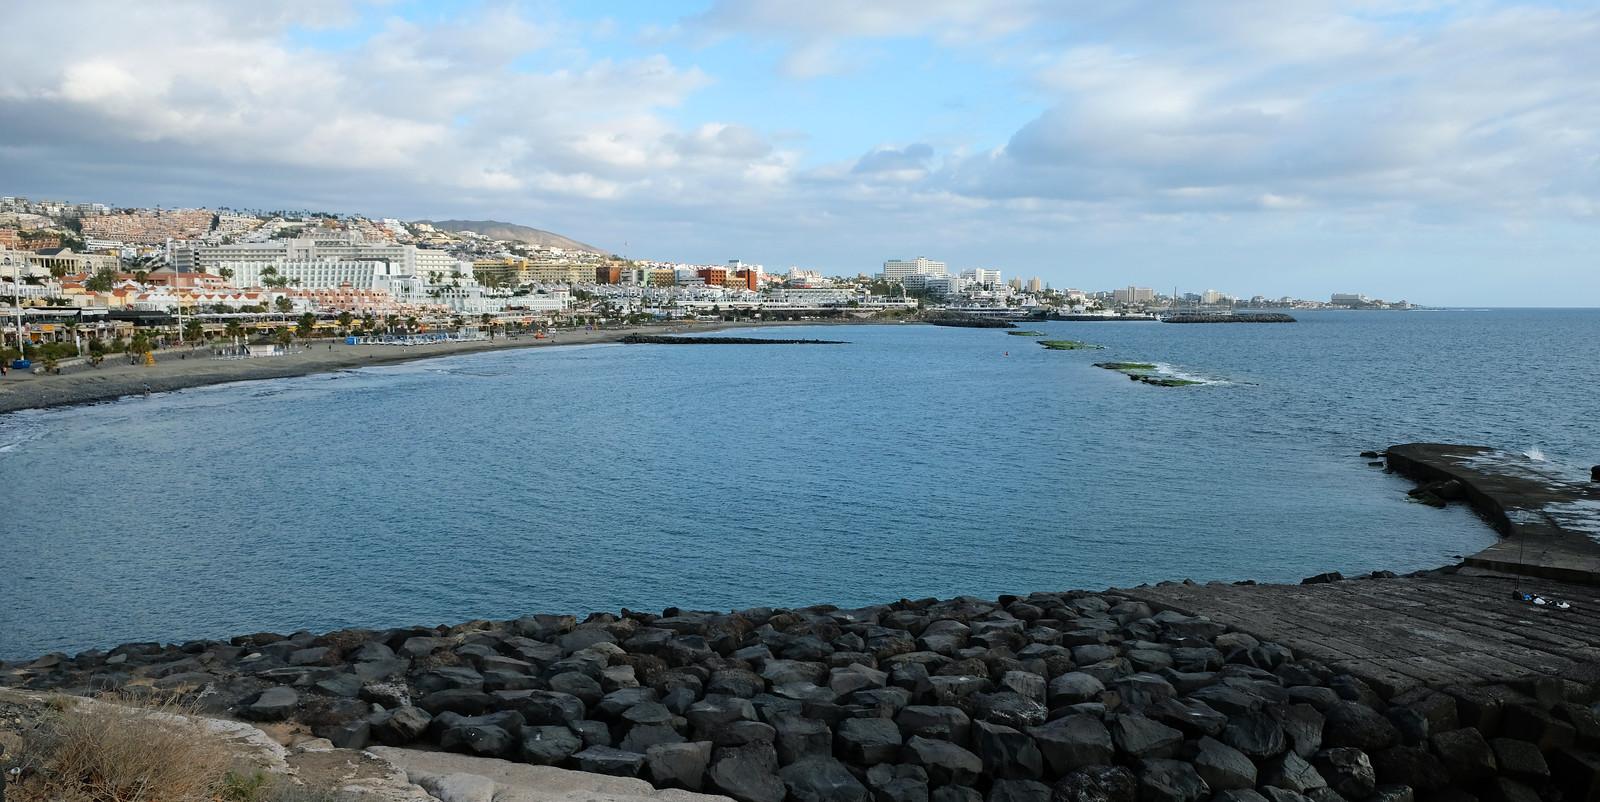 Fañabé Beach, Tenerife, Canary Islands, Spain